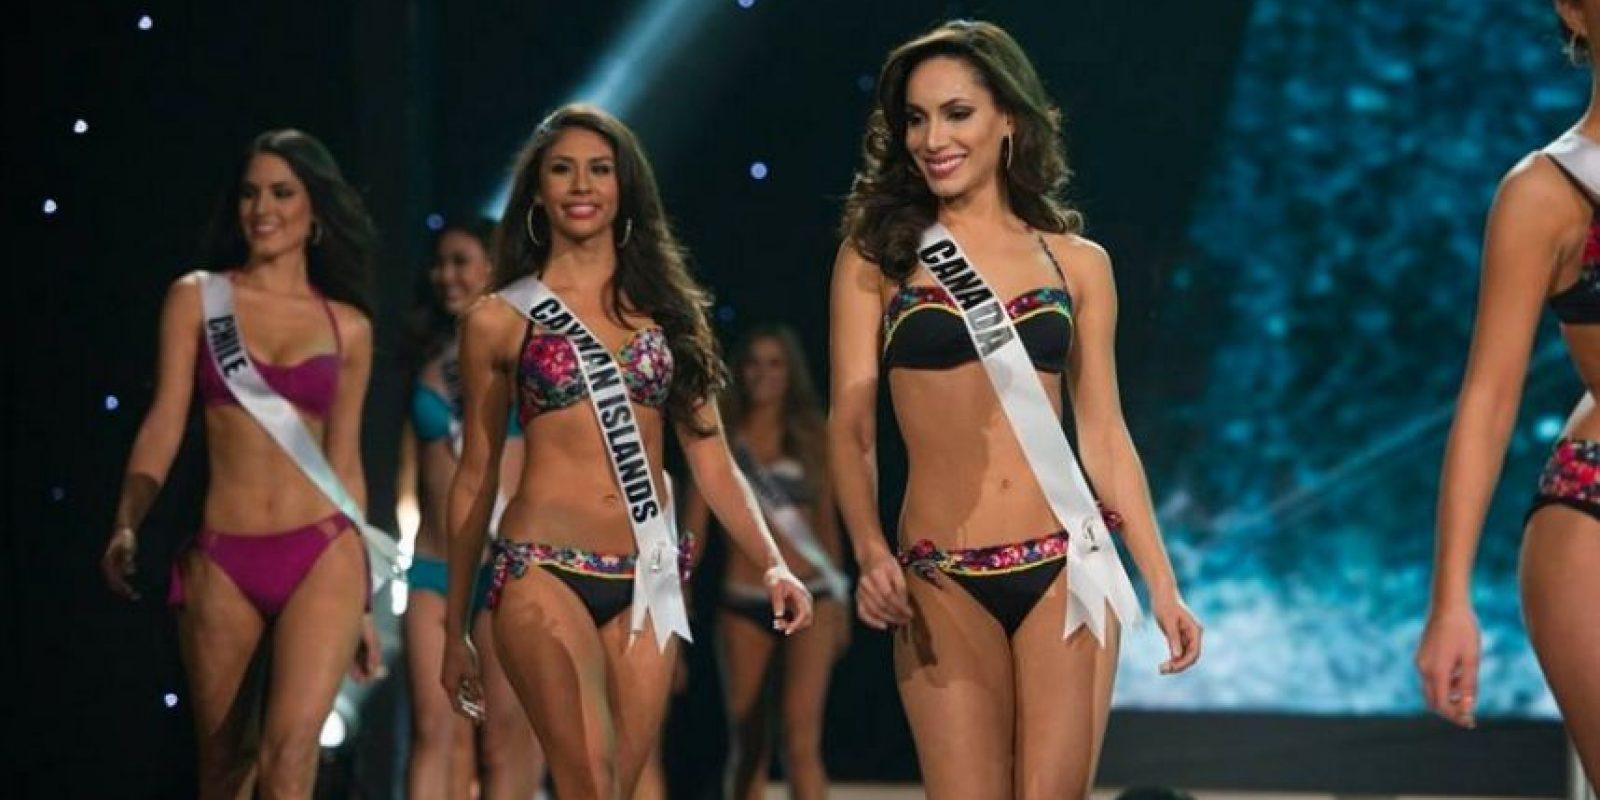 Por ejemplo: Paola Nunez, Miss Canadá, nació en República Dominicana, pero tiene ambas nacionalidades. María Belén Jerez, Miss Chile, nació en Argentina. Miss Kosovo, Mirjeta Shala, vive en Nueva York, y tiene triple nacionalidad: kosovar, albanesa y estadounidense. Catalina Morales, Miss Puerto Rico, nació en Colombia. Foto:Miss Universo